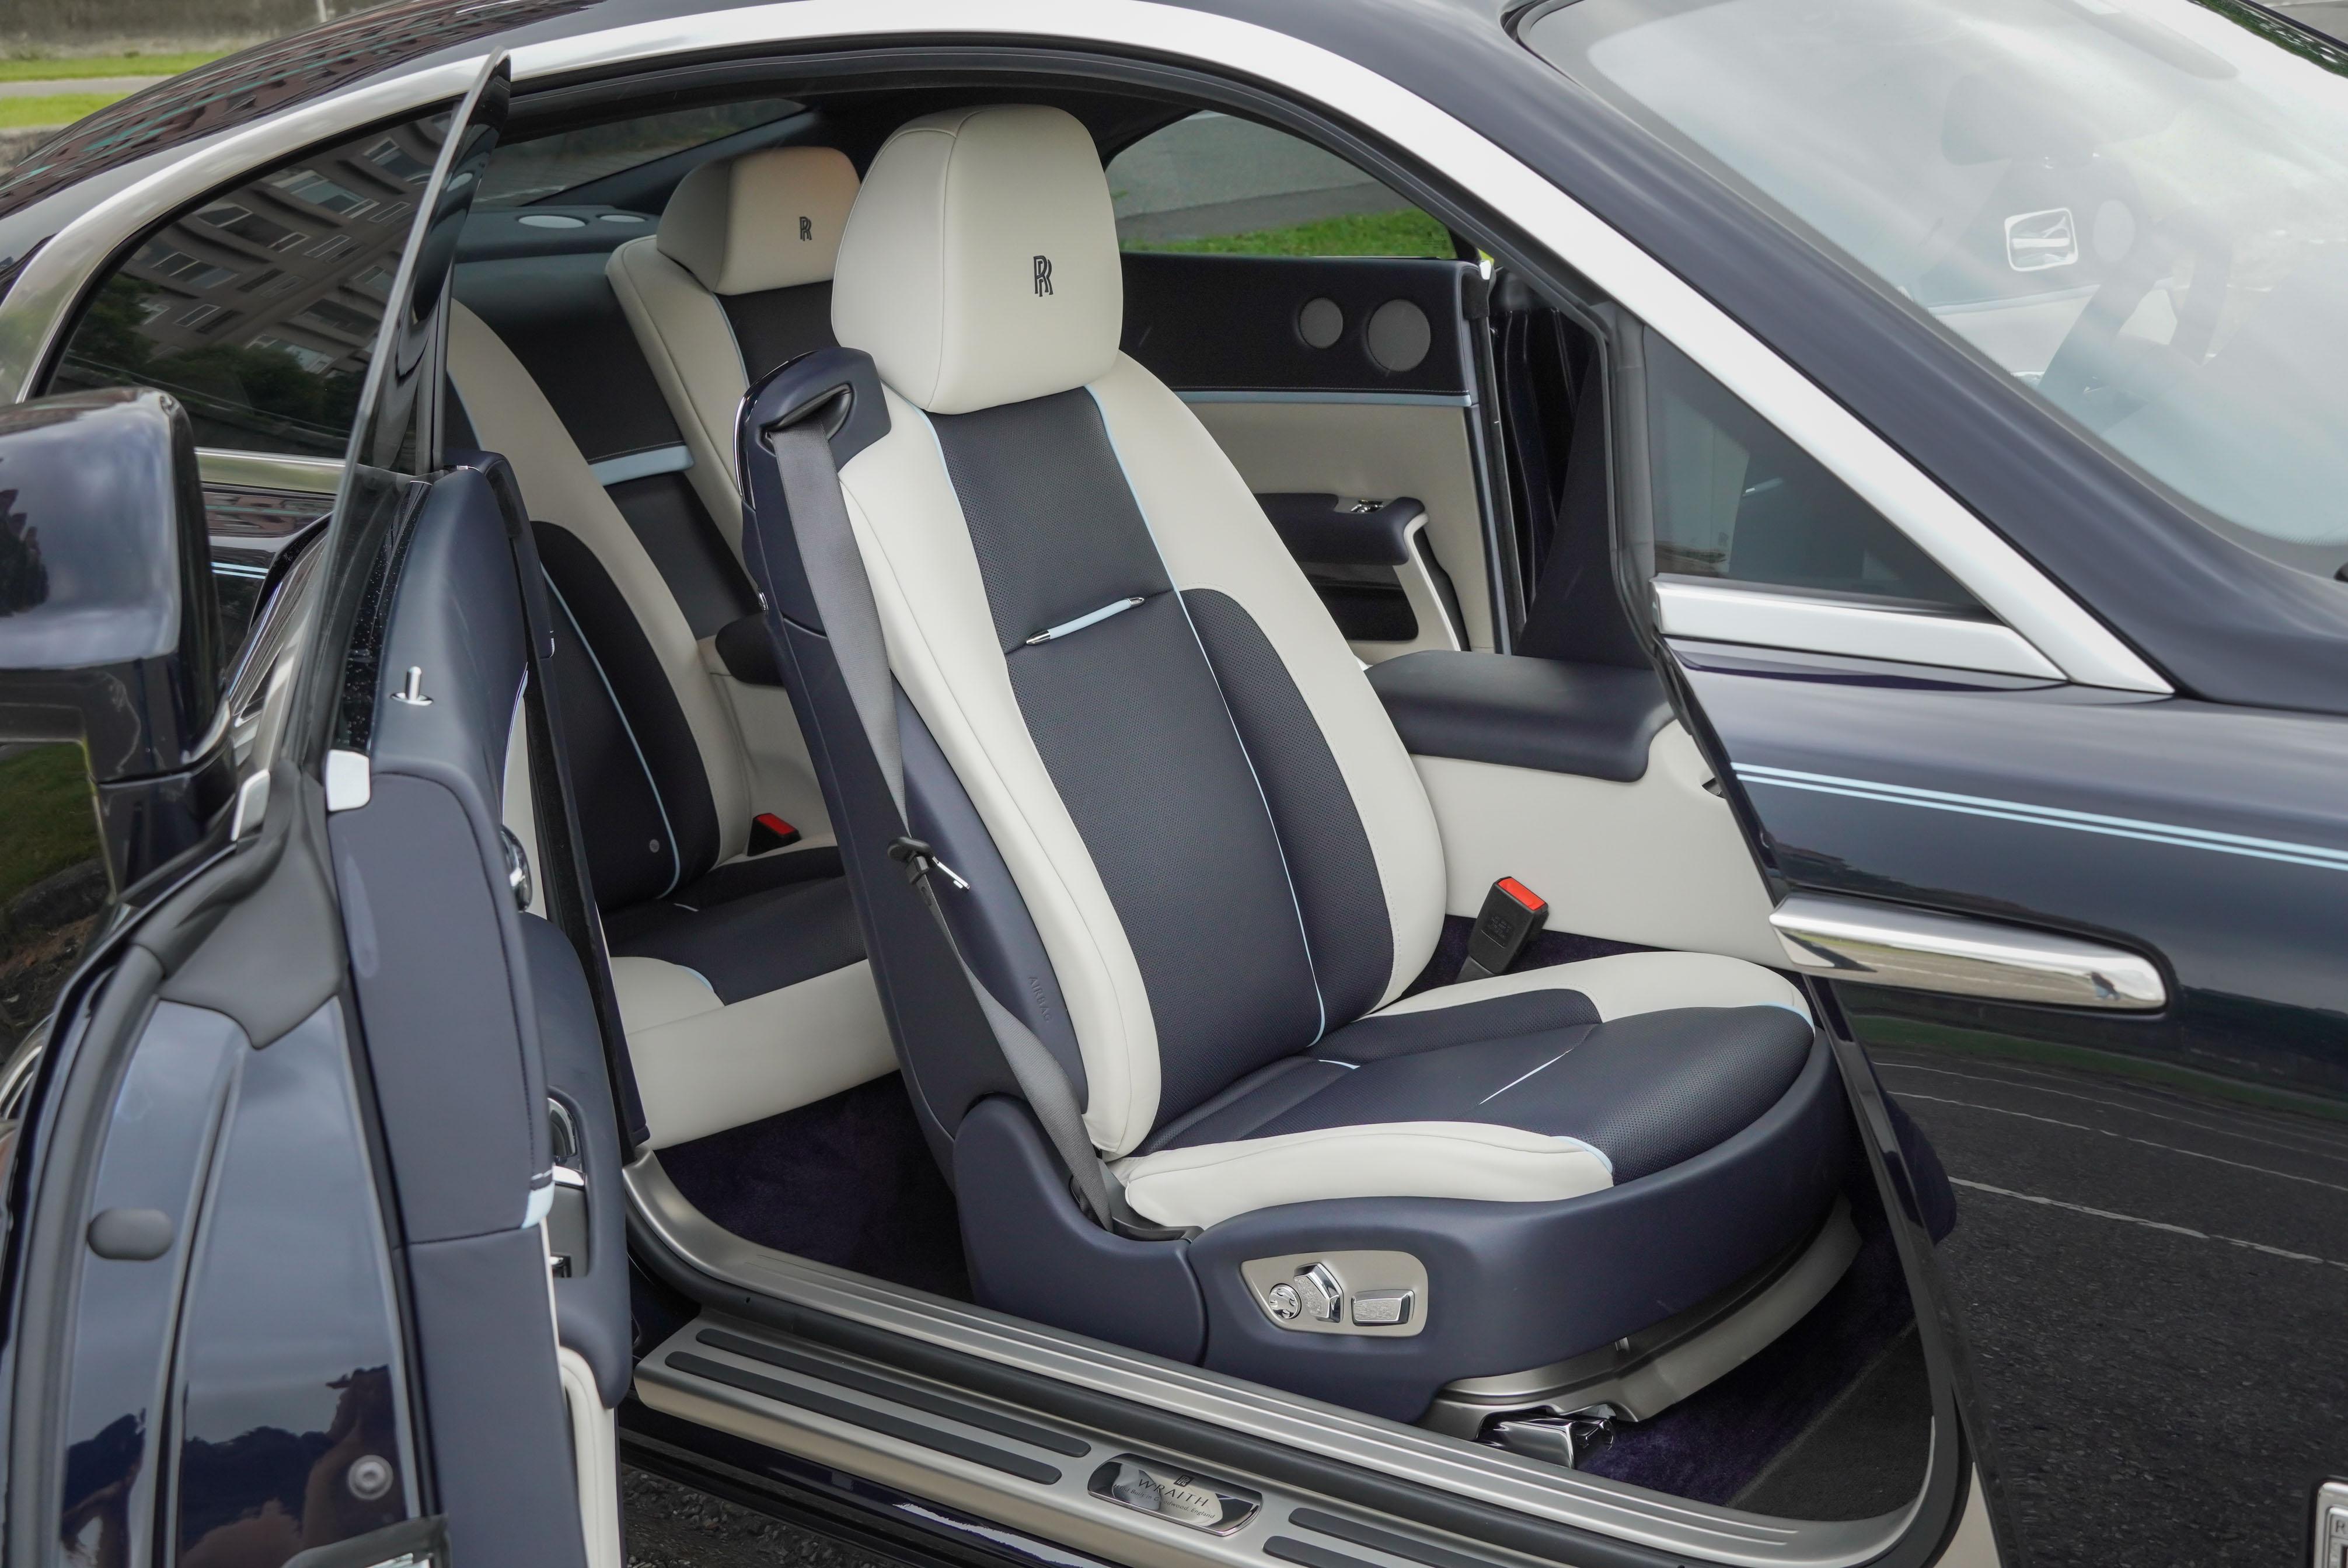 試駕車選配通風座椅,並選配海貝殼色及粉鋼藍緄邊及縫線。